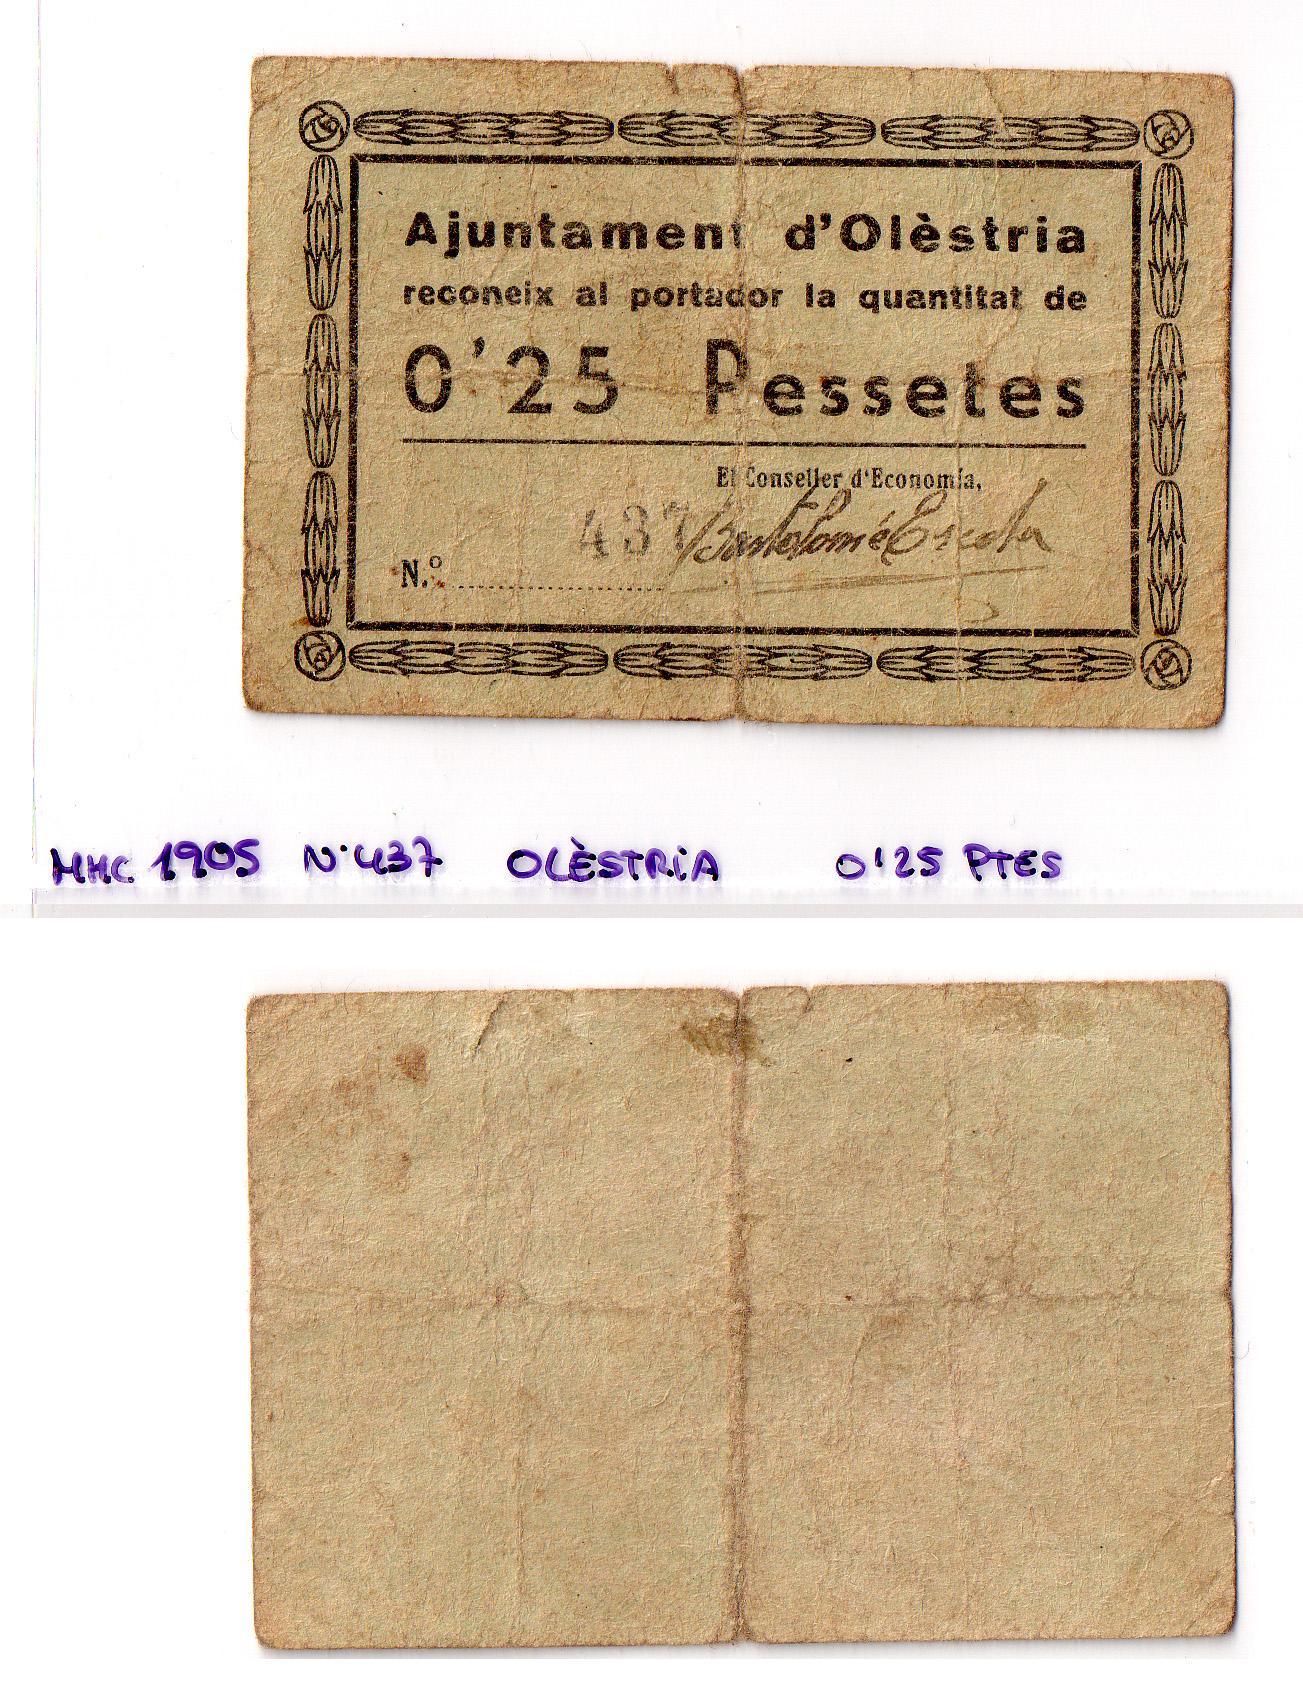 0,25 pessetes